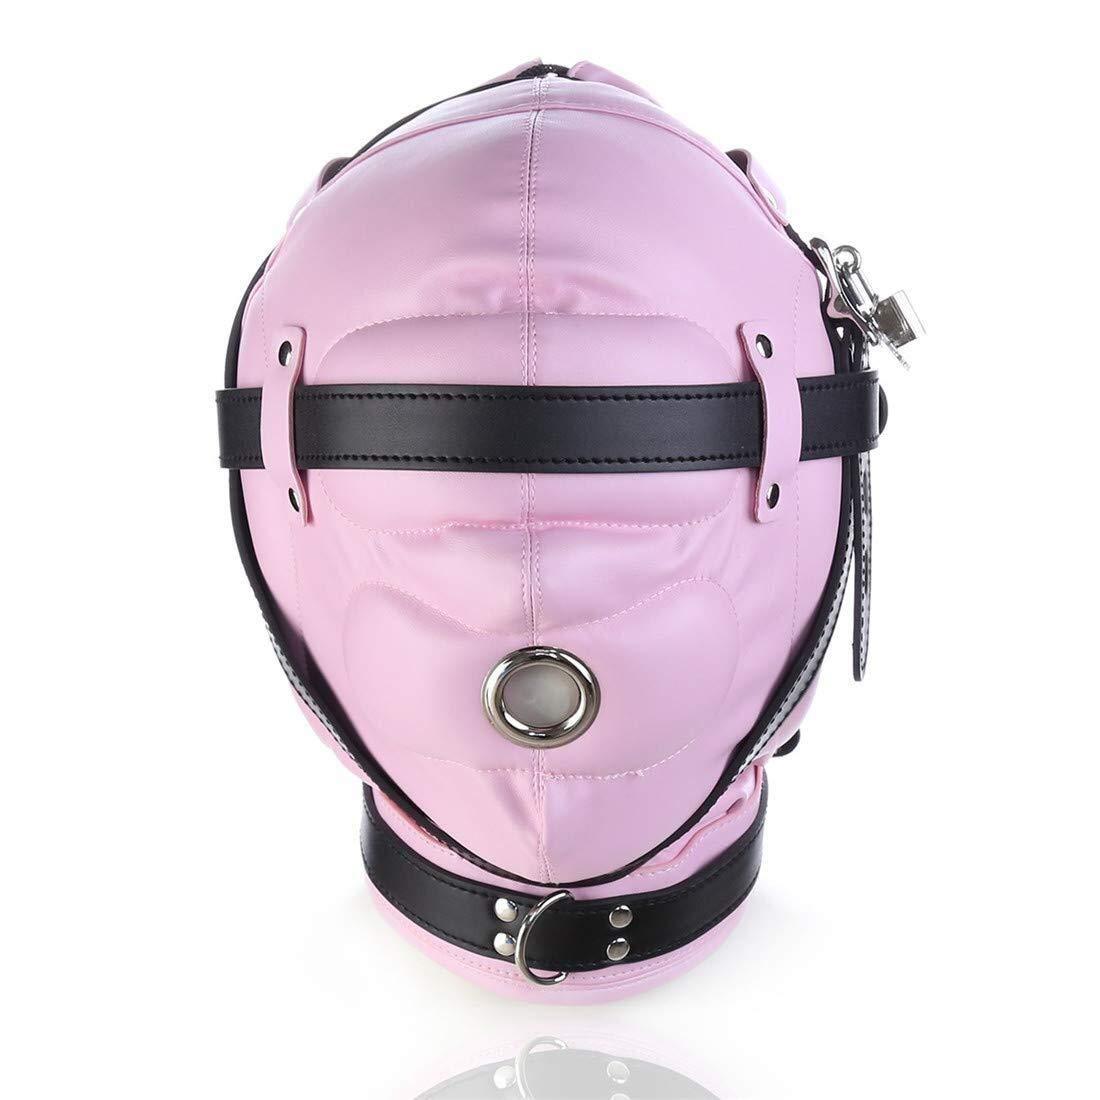 GROSSARTIG Halloween Mask Blindfolded Headgear Mask Leather Mask Punishment Bondage Game Flirting SM Helmet Fetish Head Hood Restraint Headgear Sex Toy (Color : Red) (Color : Pink) by GROSSARTIG